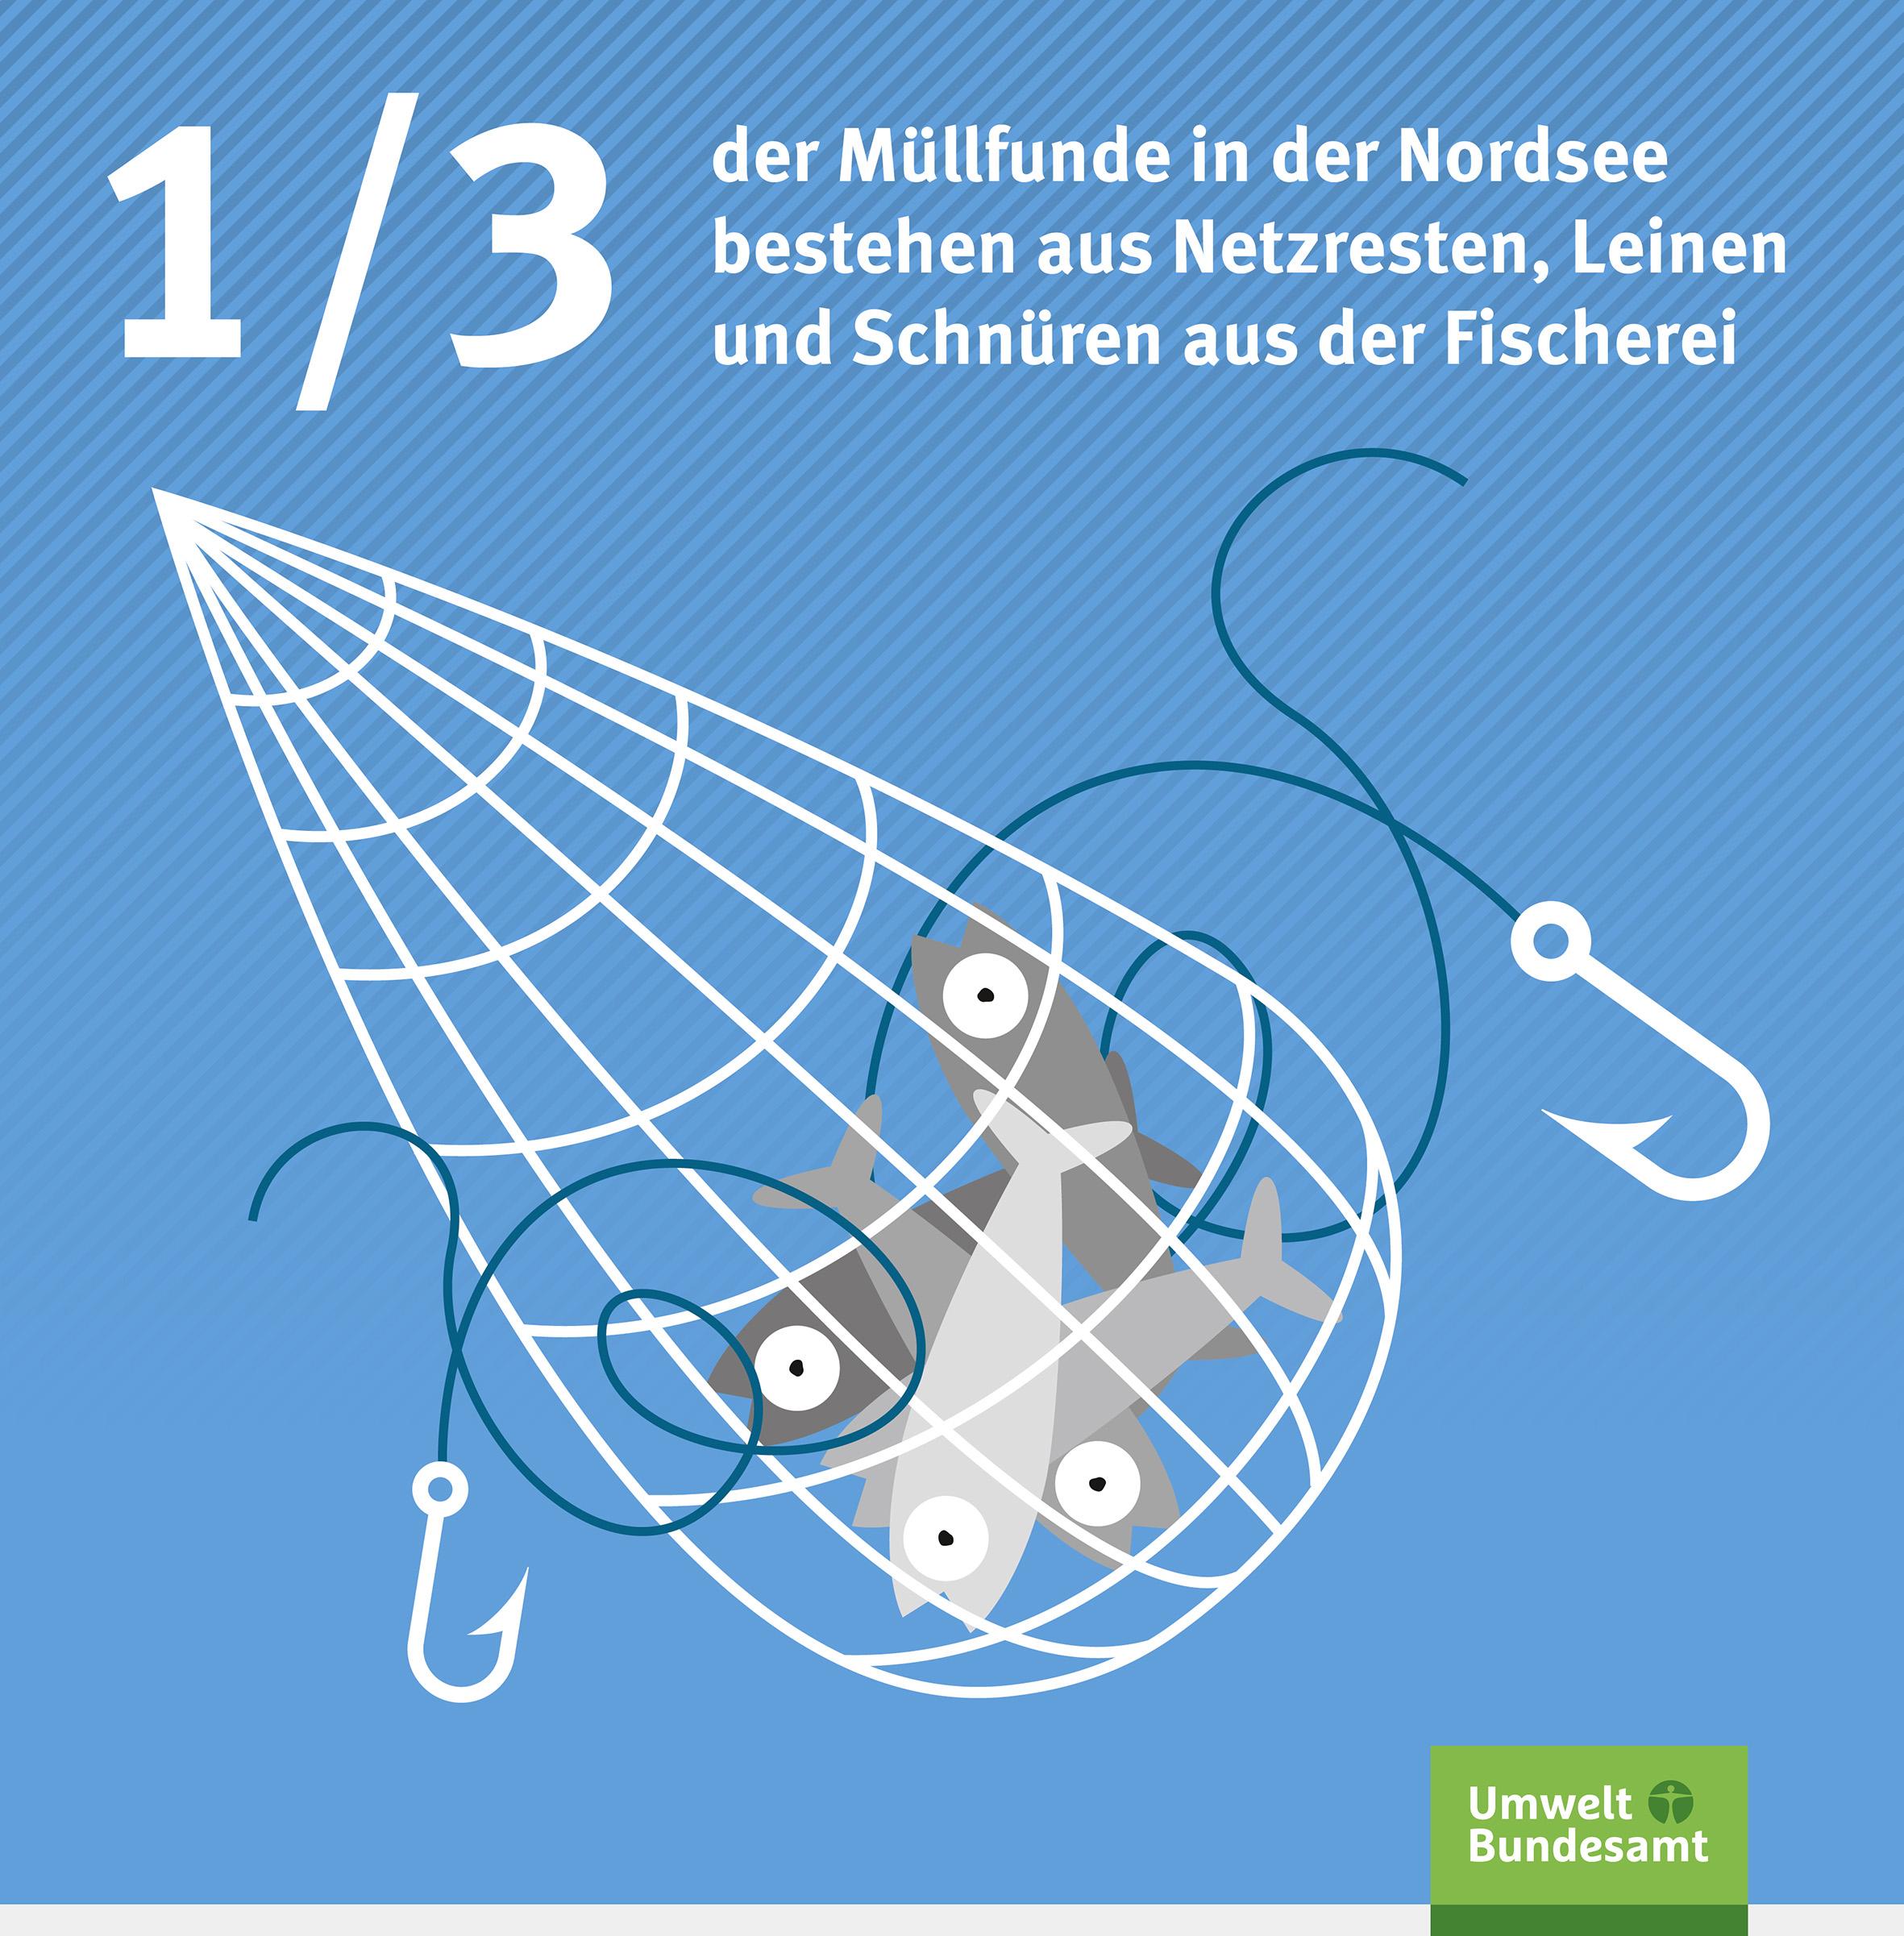 Ein Drittel der Müllfunde in der Nordsee bestehen aus Netzresten, Leinen und Schnüren aus der Fischerei